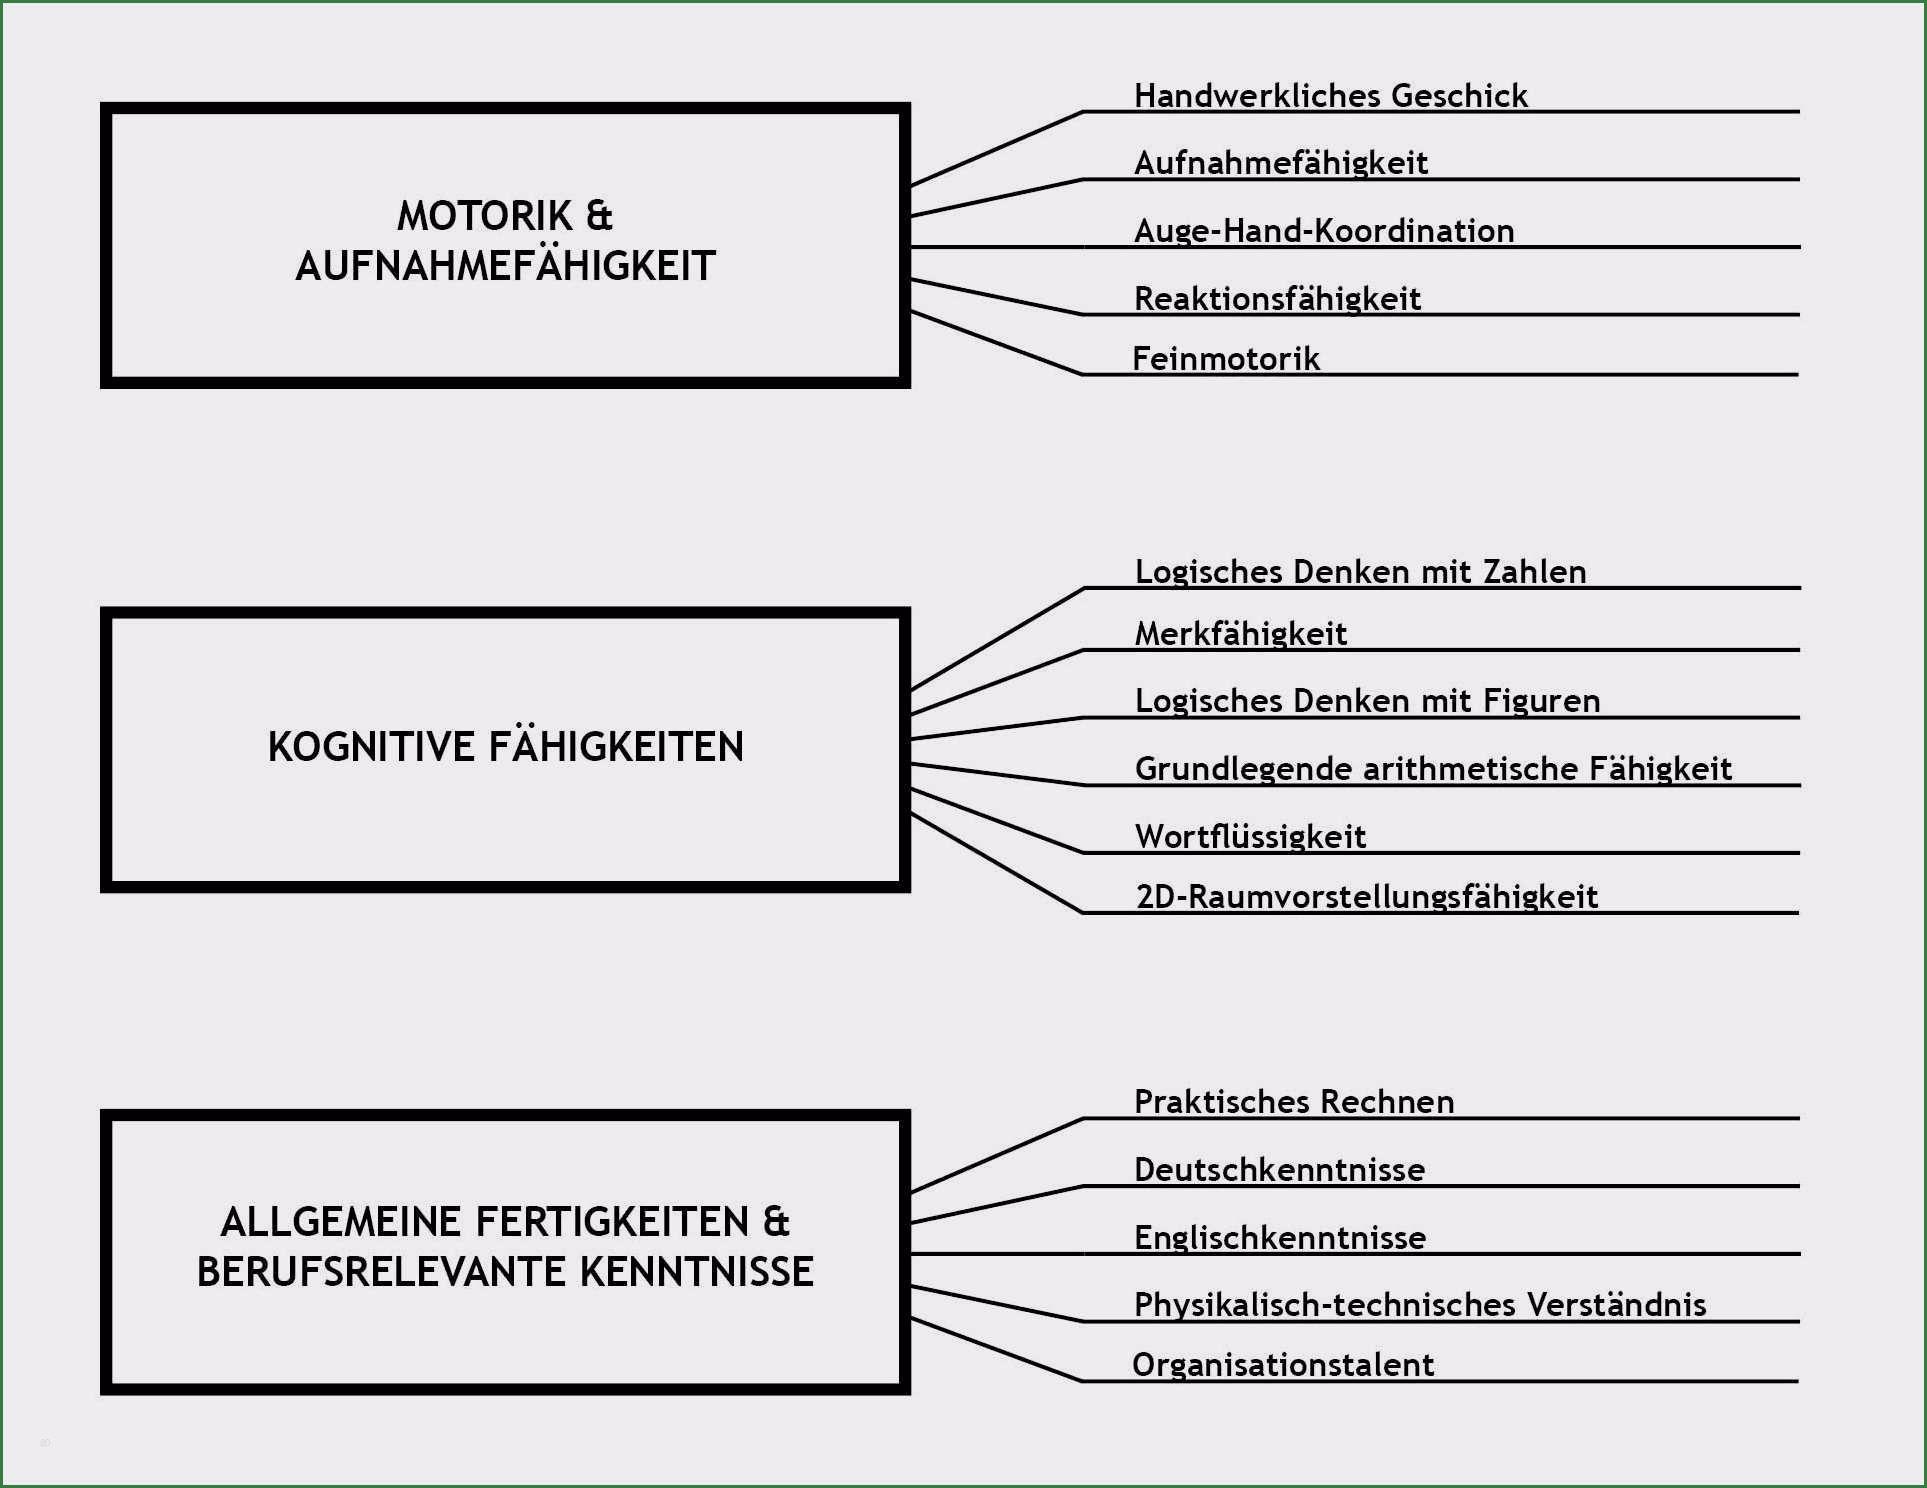 30 Neu Kundigung Fonic Vorlage Bilder In 2020 Briefkopf Vorlage Vorlagen Rechnungsvorlage